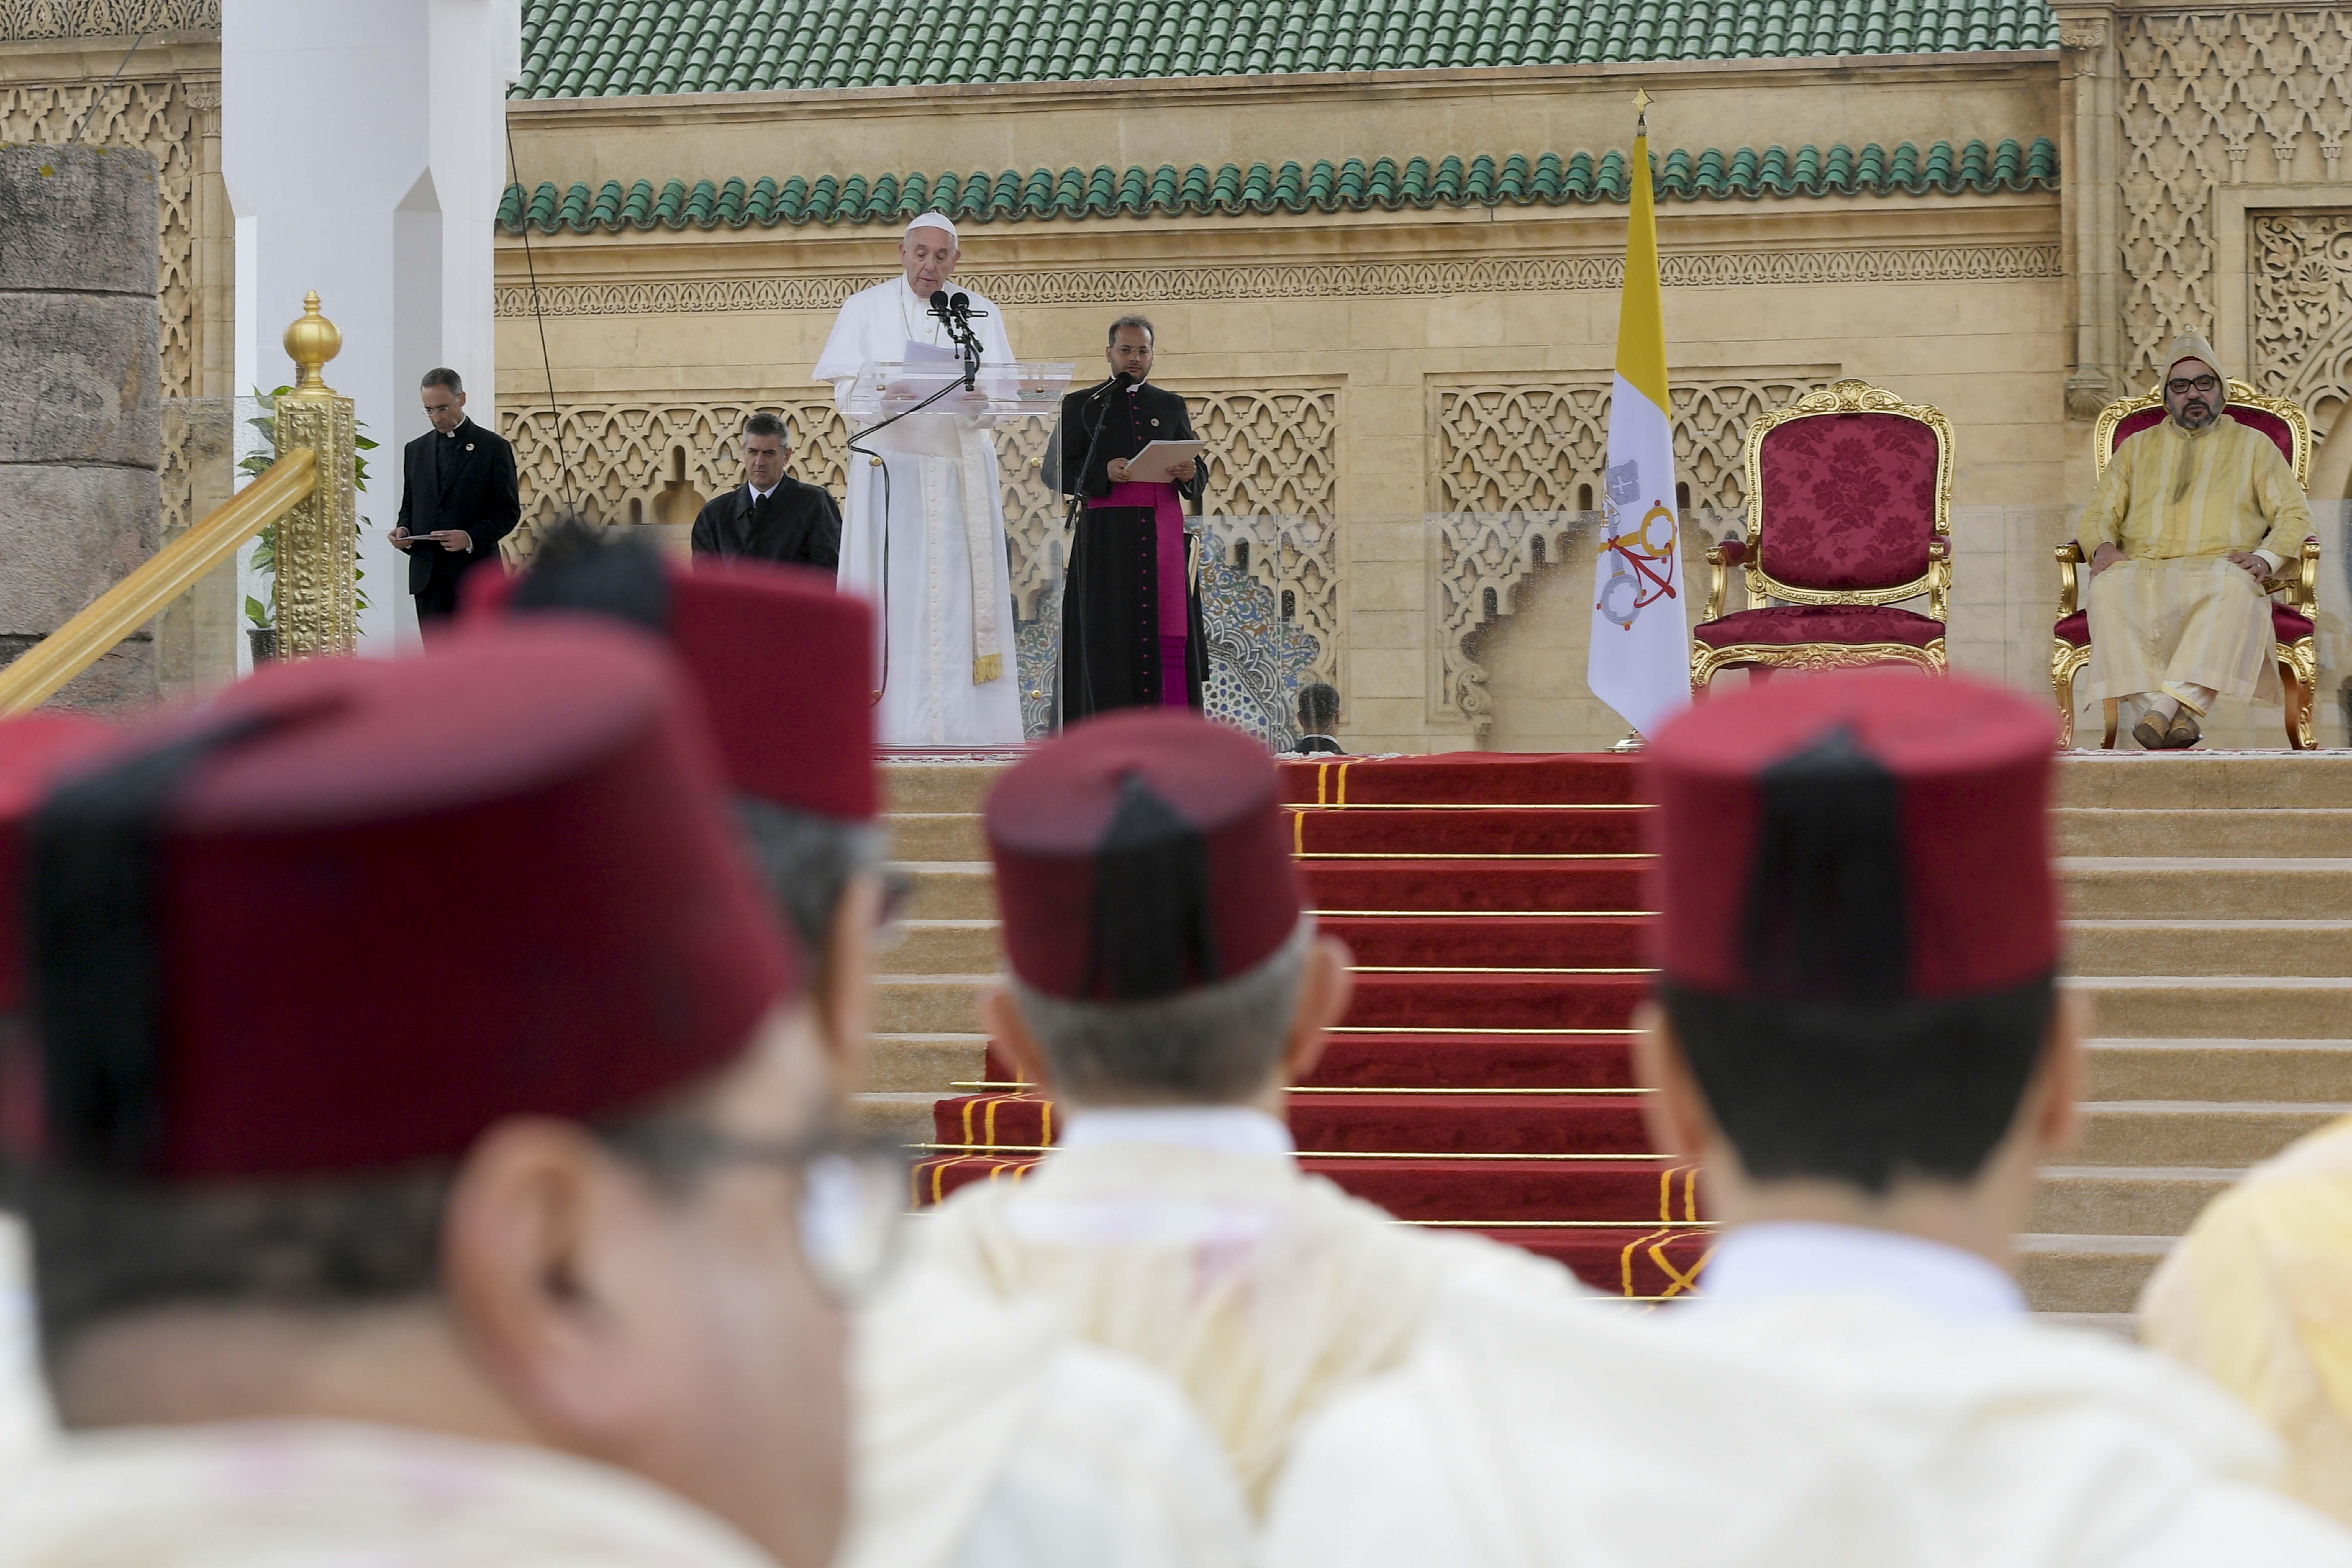 Maroc : passer de la simple tolérance au respect et à l'estime d'autrui  SFO1717